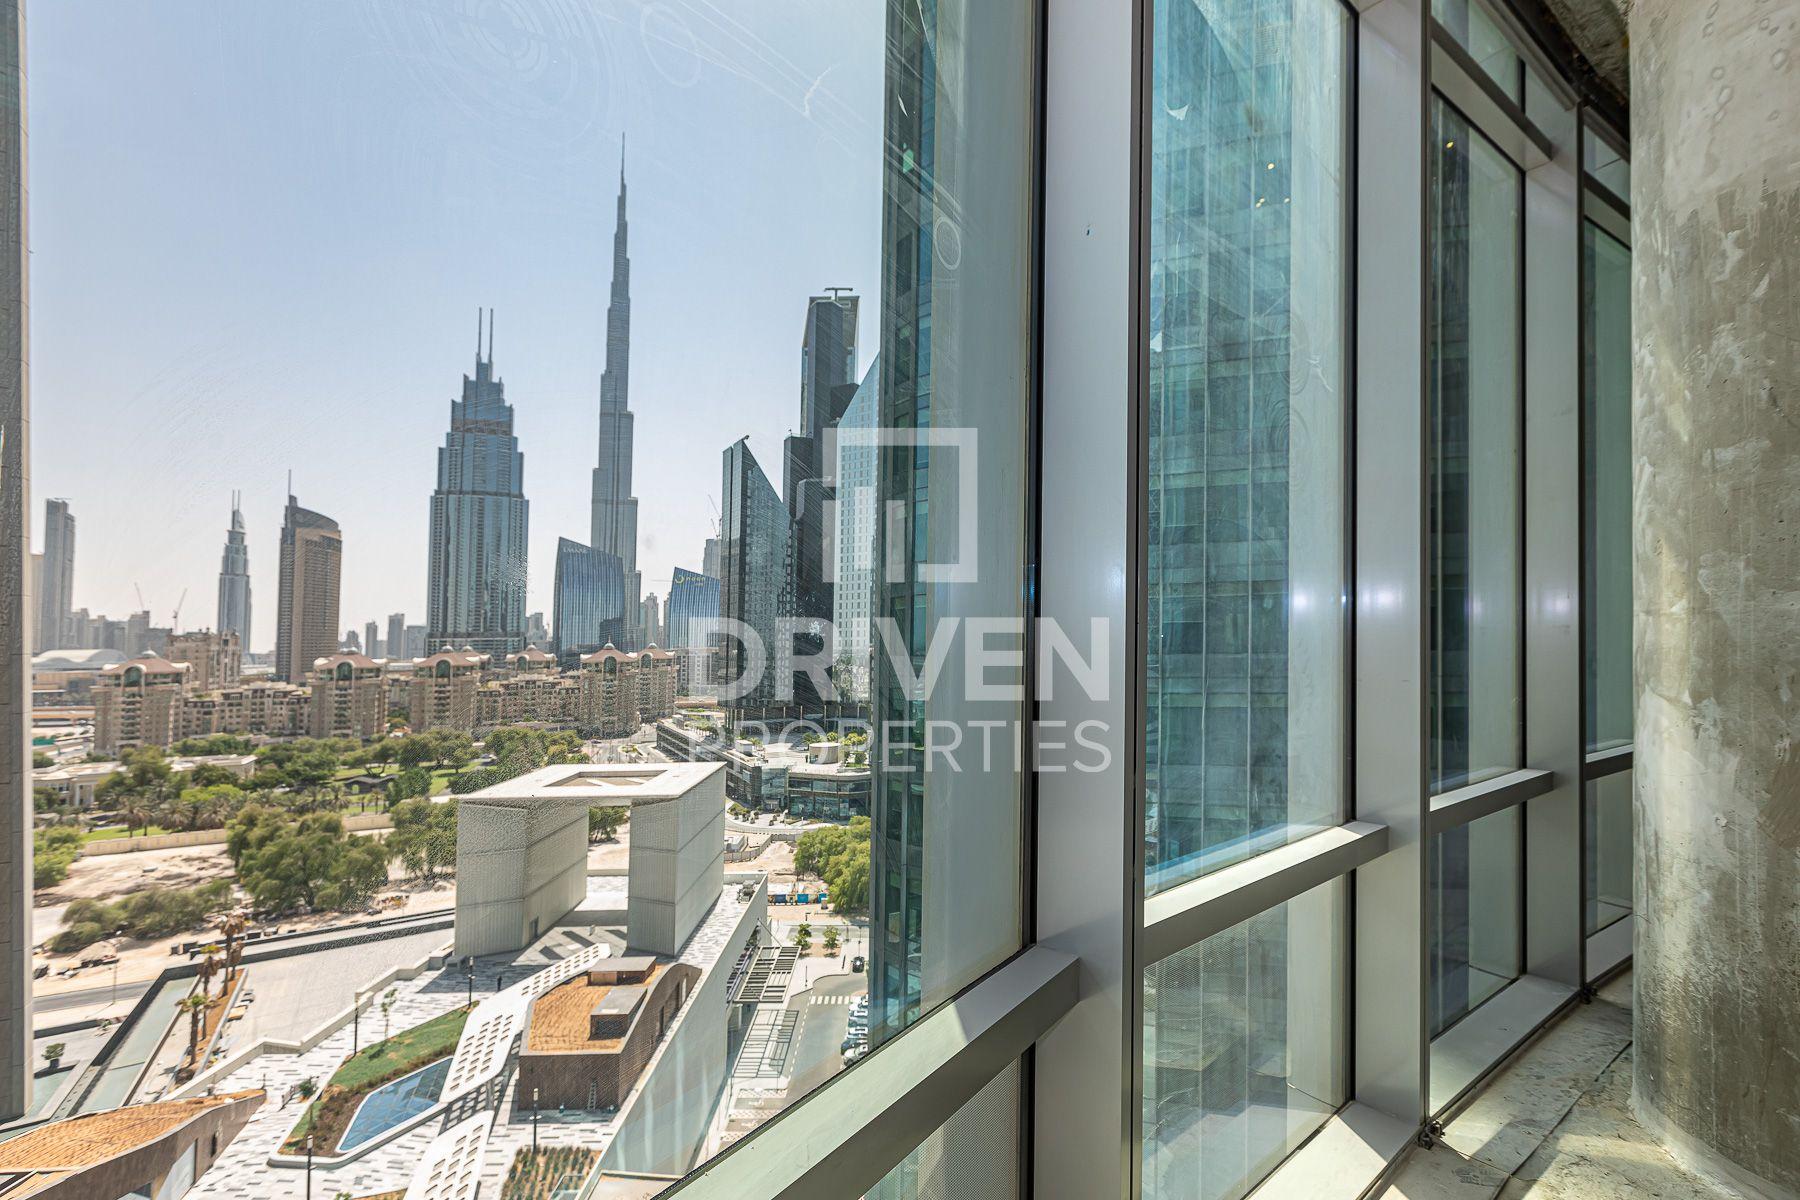 2,820 قدم مربع  مكتب - للايجار - مركز دبي المالي العالمي